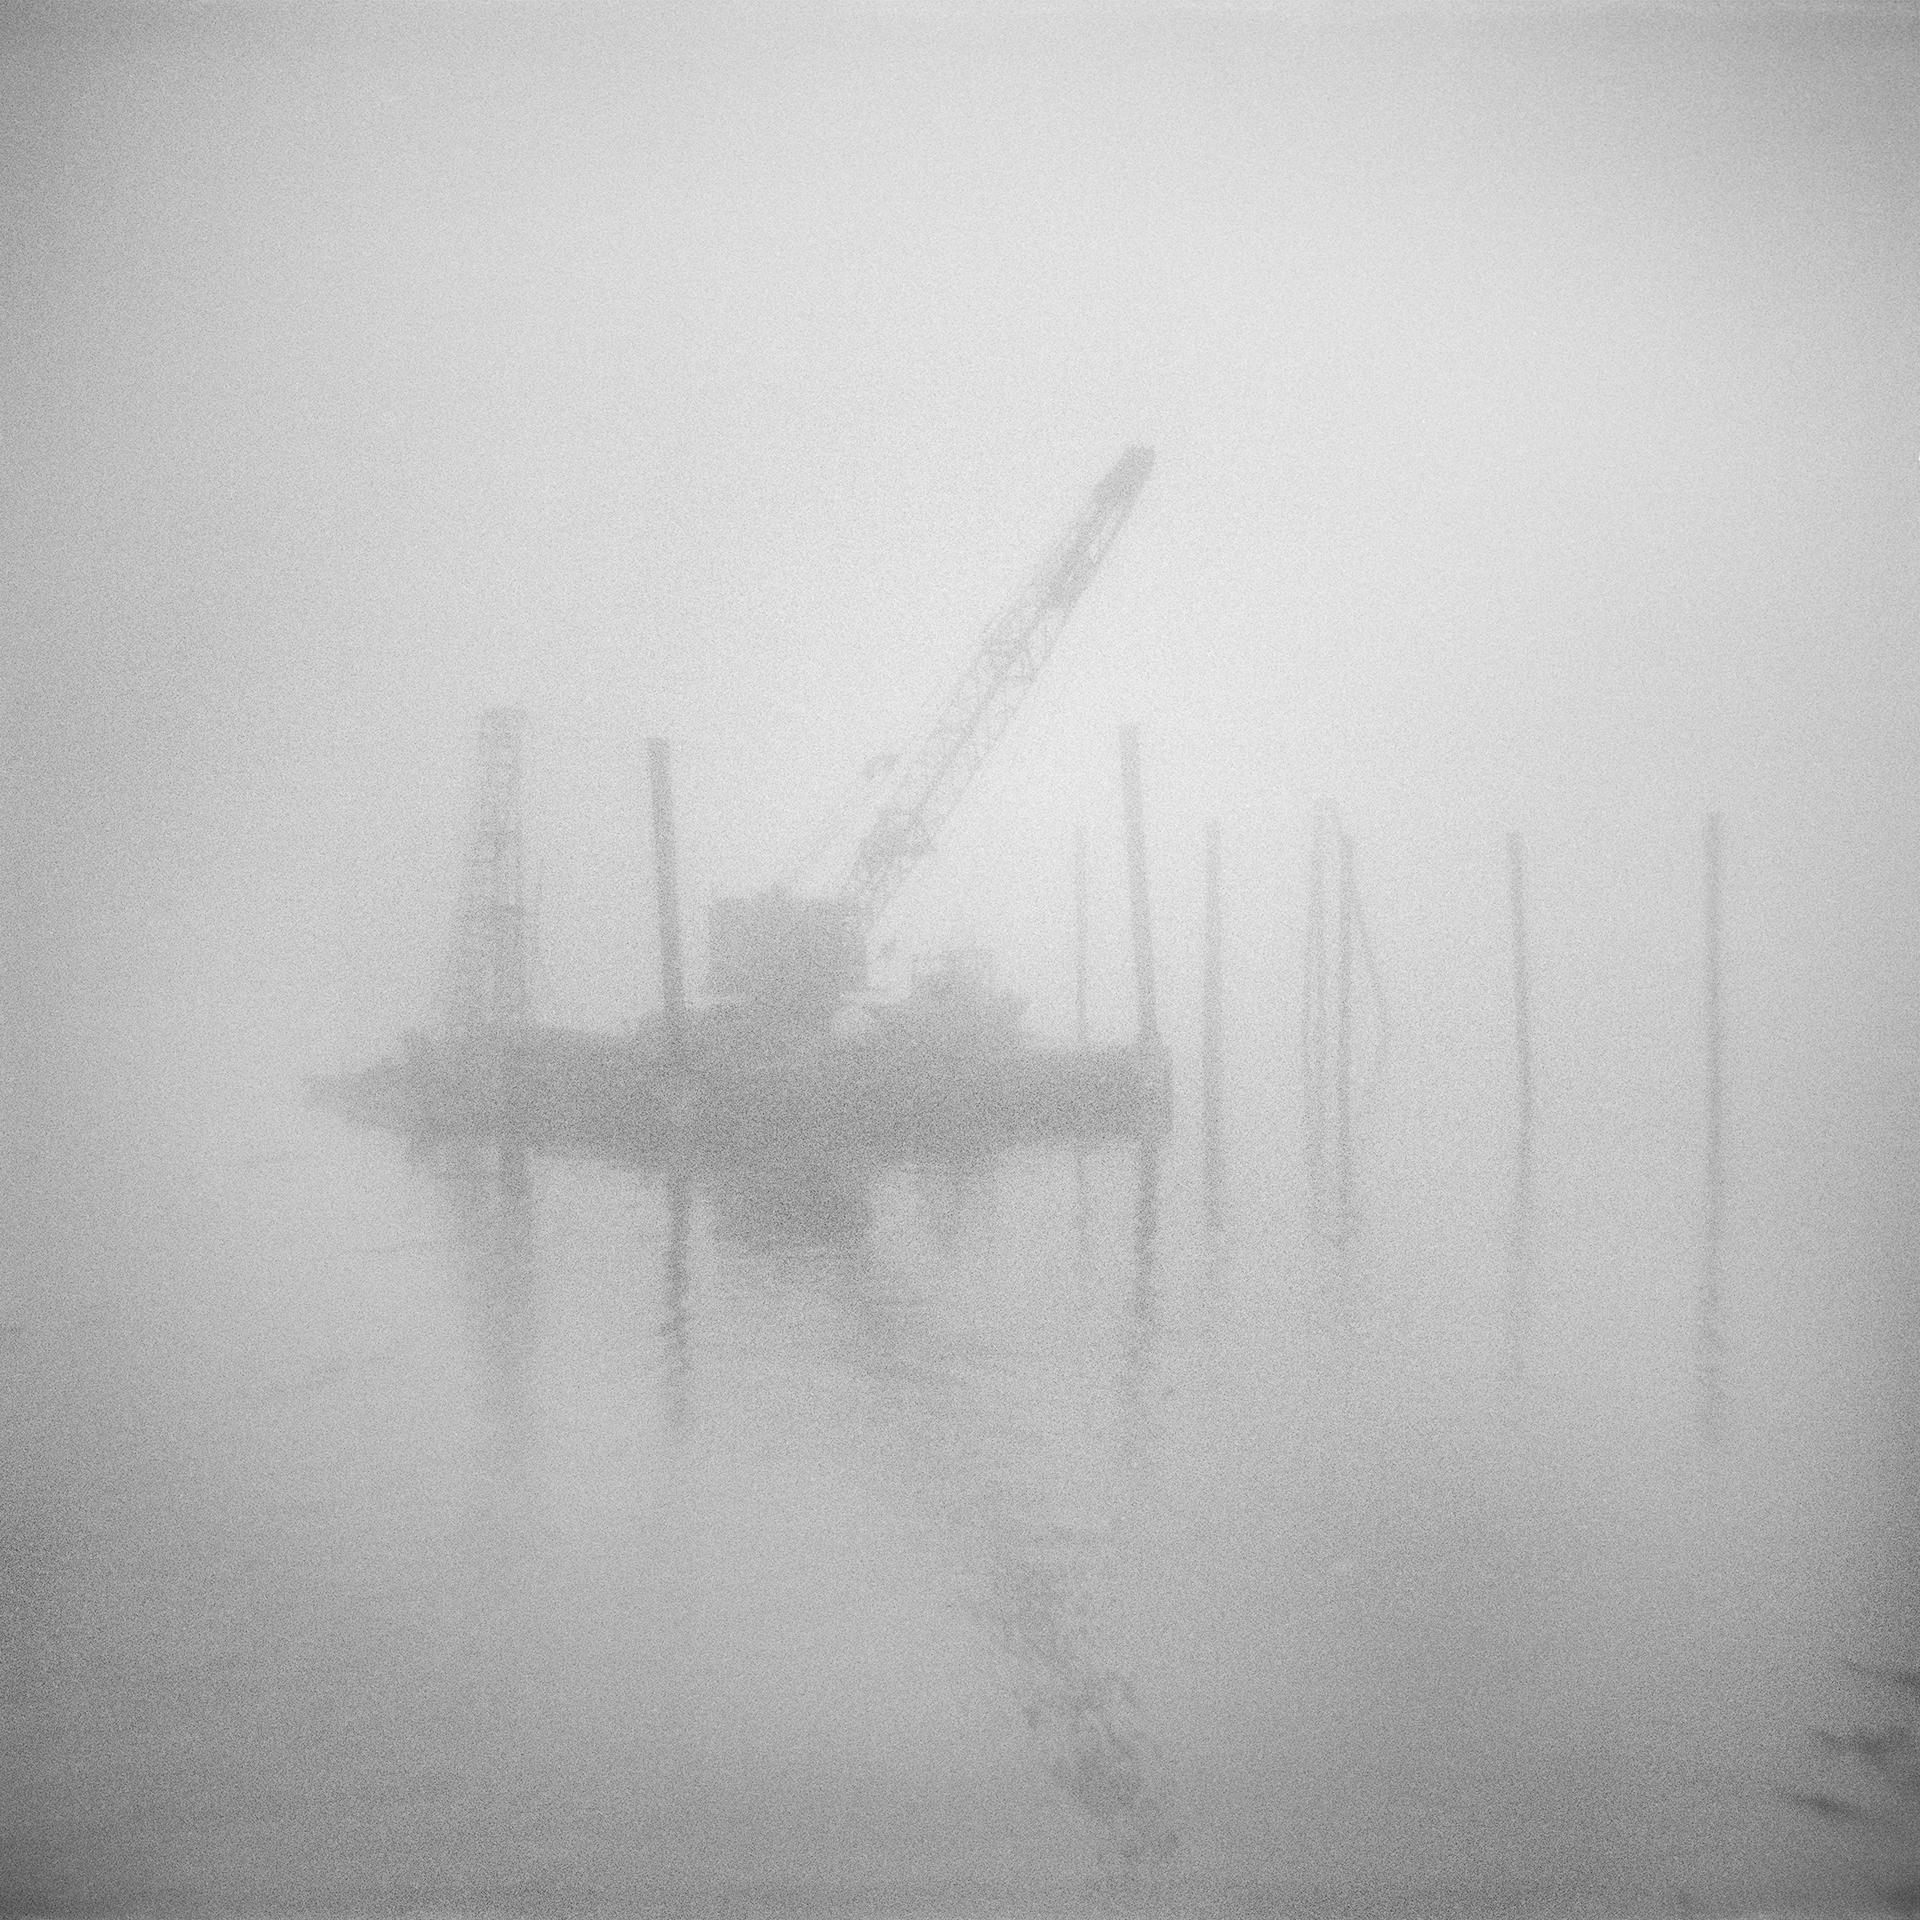 Untitled (harbor crane), 2014